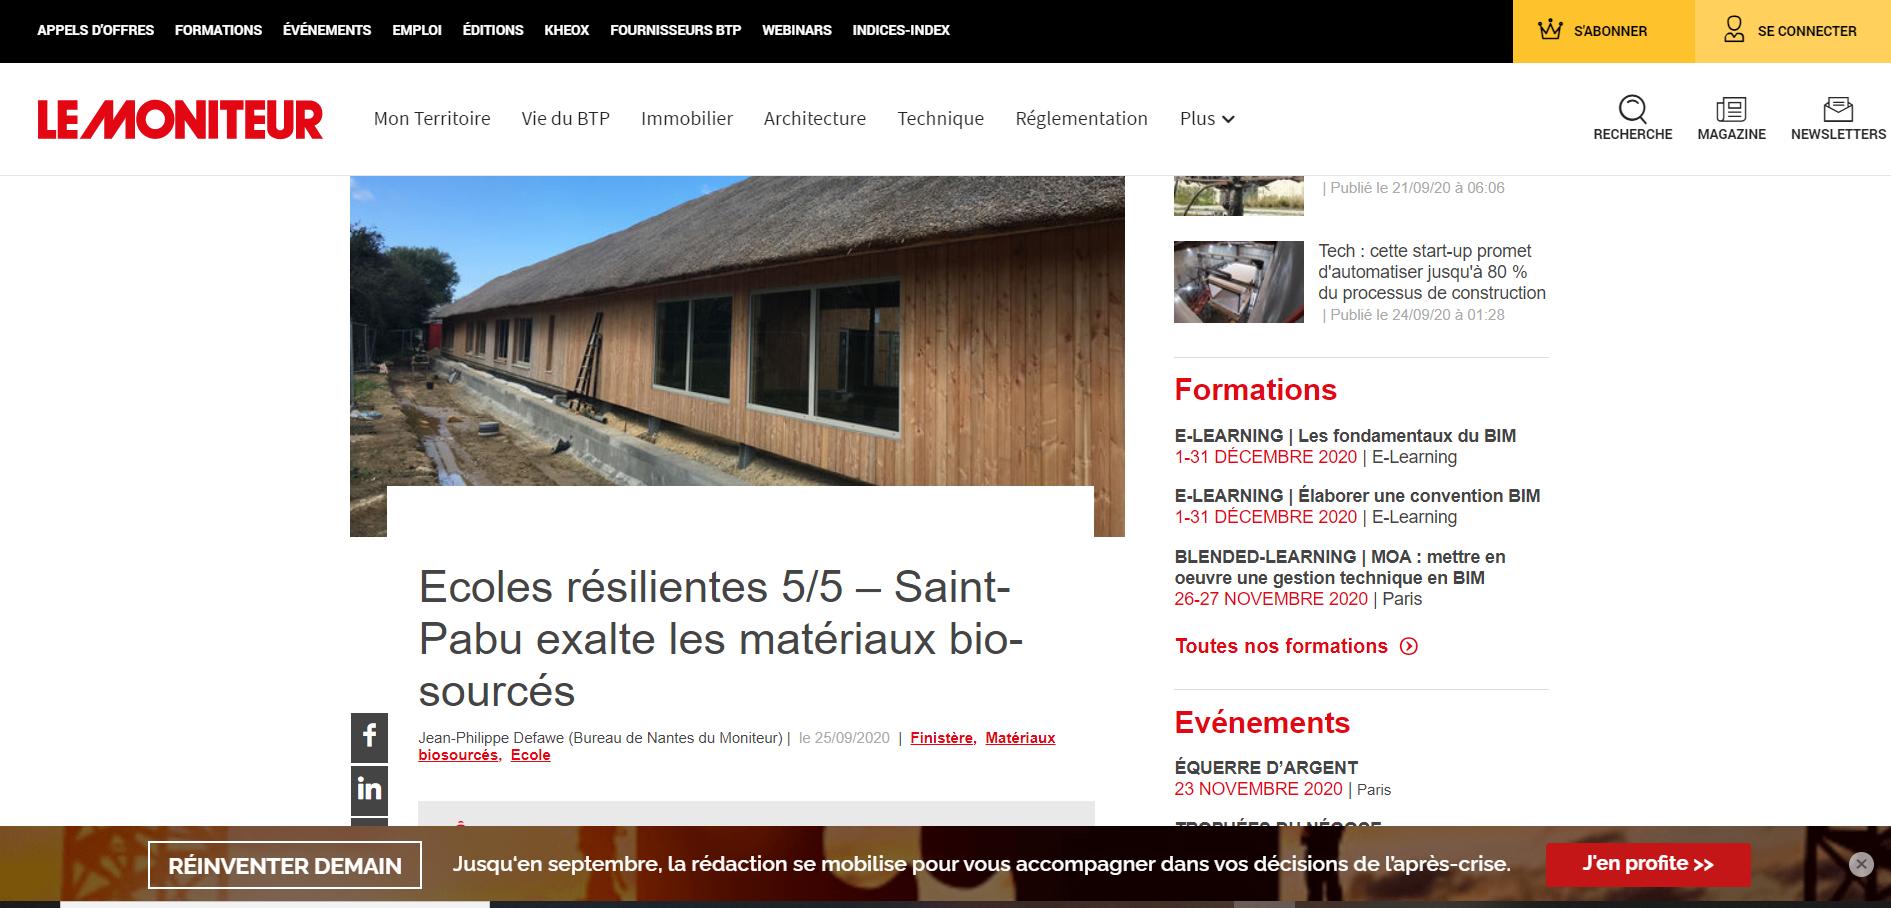 Le Moniteur : la nouvelle école de Saint Pabu à l'honneur